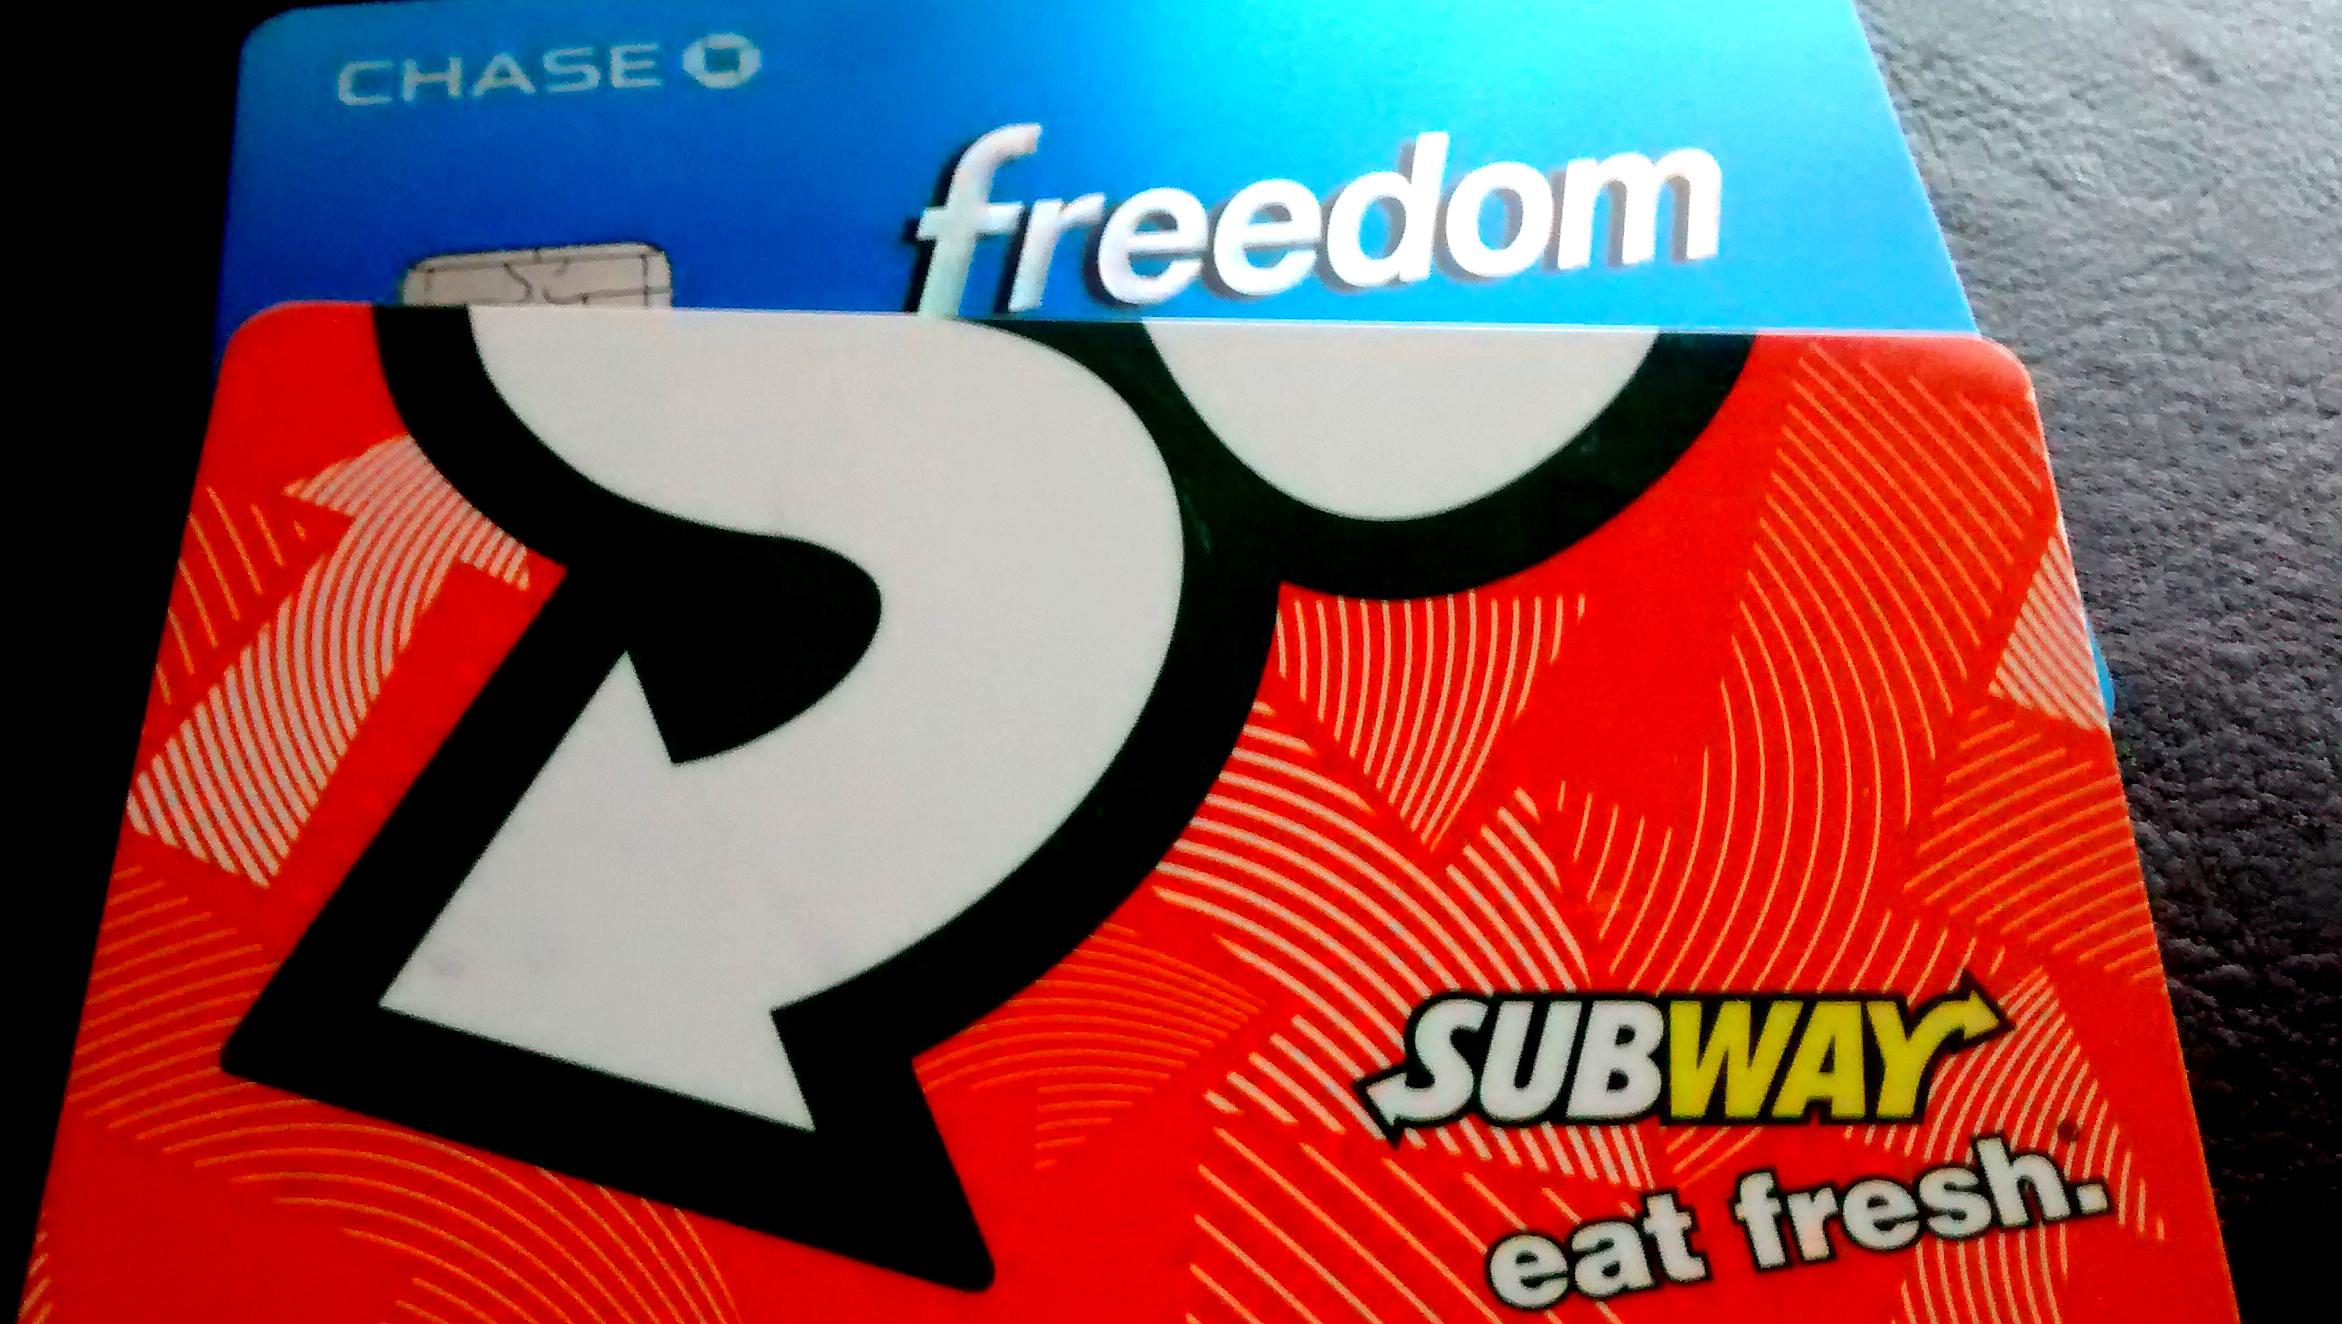 Chase Freedom and Subway Rewards